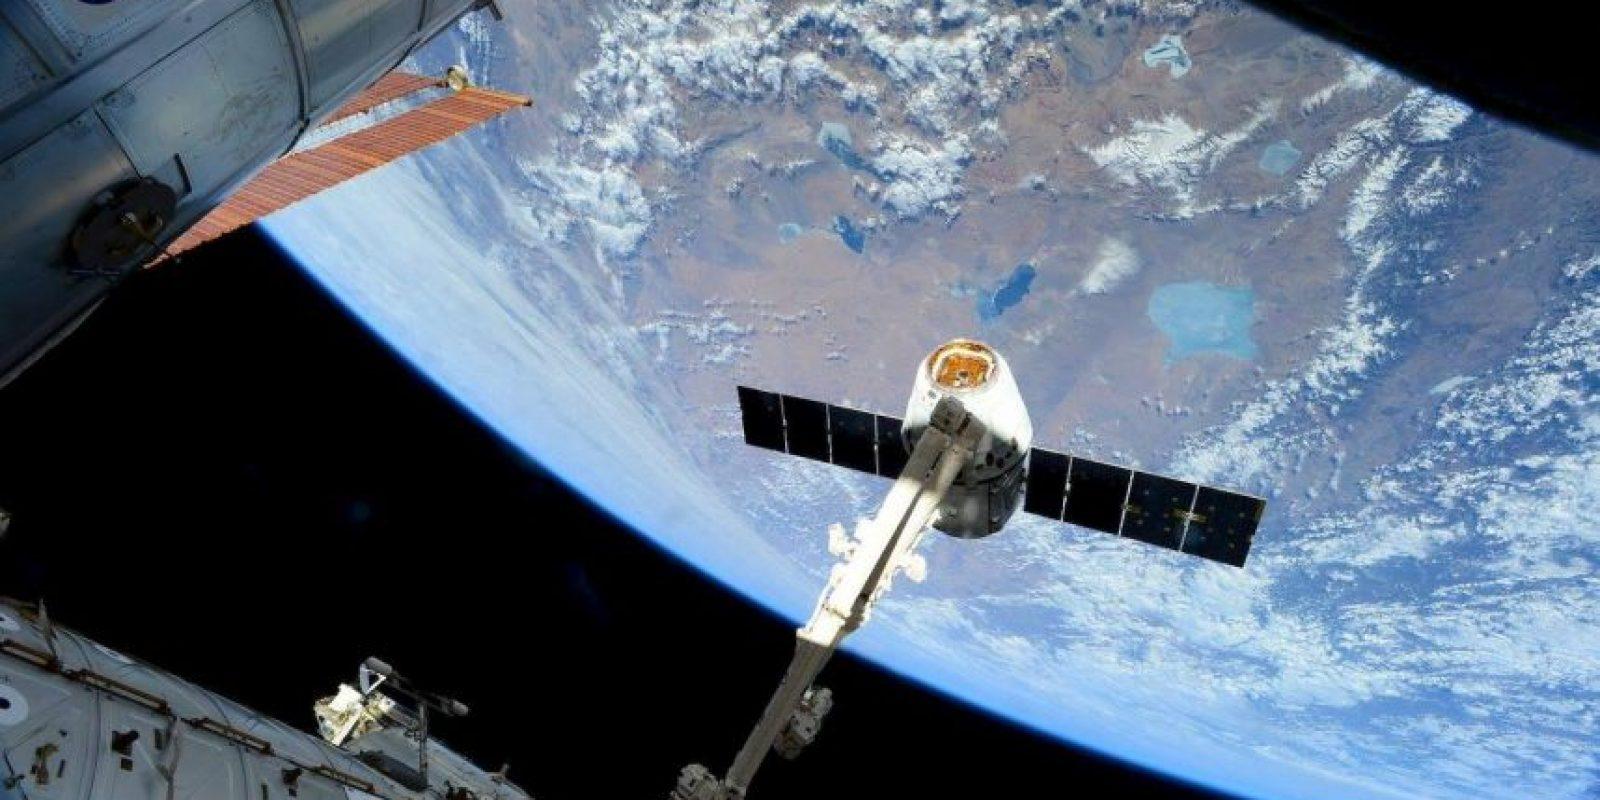 La llegada del SpaceX Dragon el pasado 17 de abril Foto:Facebook.com/pages/NASA-Astronaut-Scott-Kelly